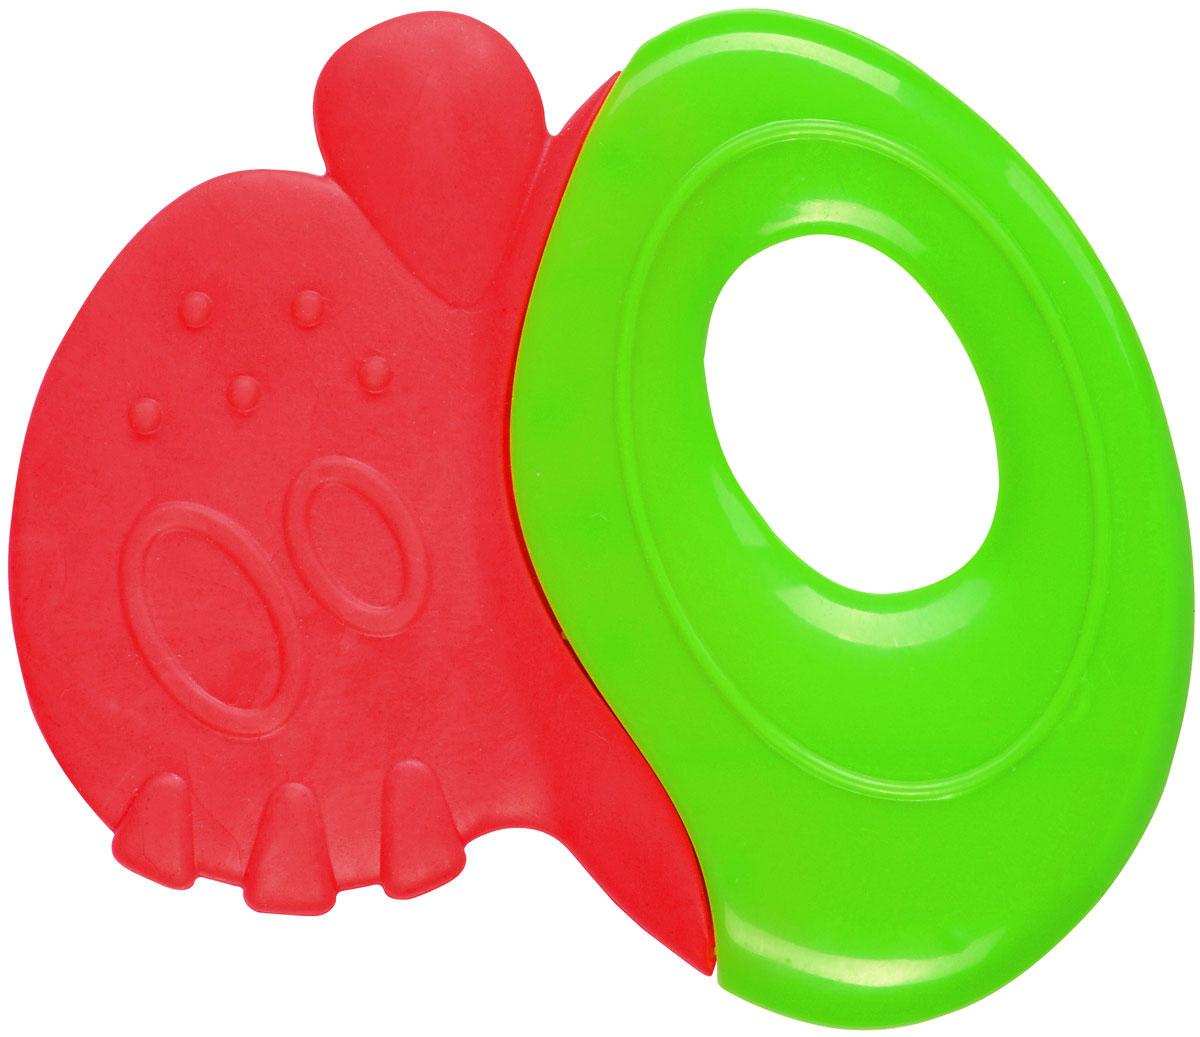 BabyOno Прорезыватель-погремушка цвет красный зеленый babyono погремушка бегемотик